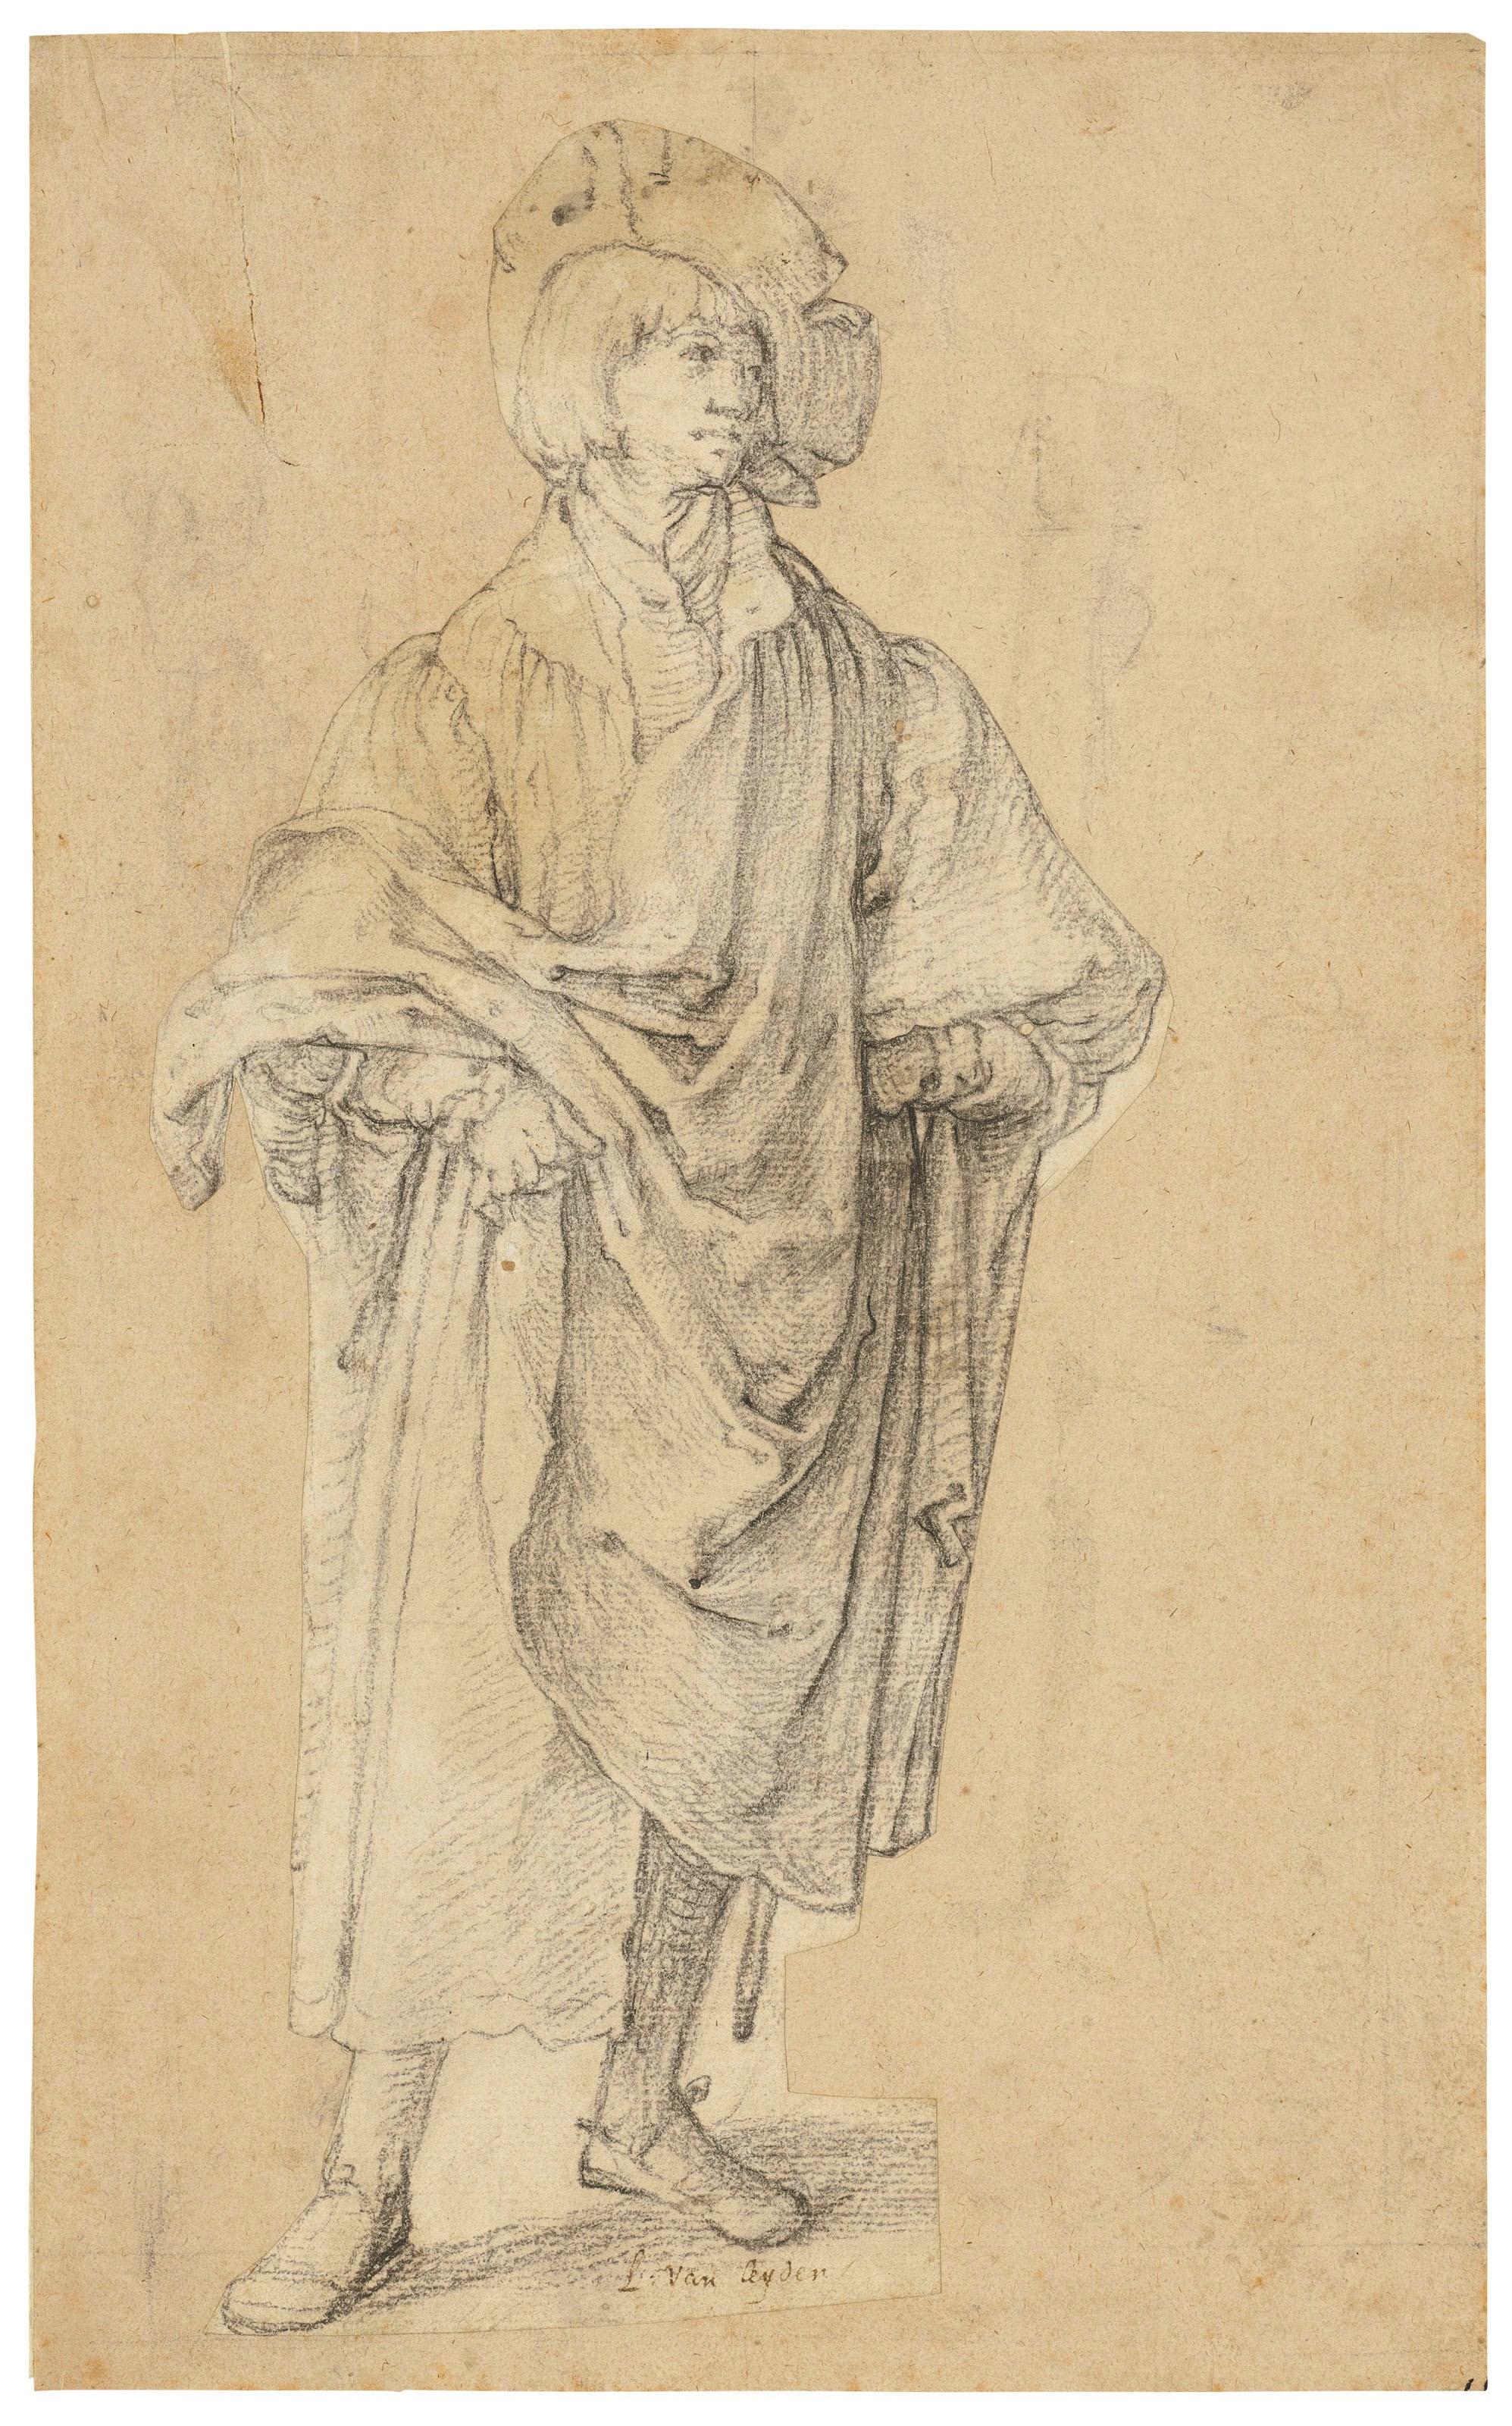 卢卡斯·范·莱顿(14891494-1533),《站立的年轻人》,11 x 5⅛ 吋(27.9 x 13.2公分)。此拍品于2018年12月4日在佳士得伦敦以11,483,750英镑成交。